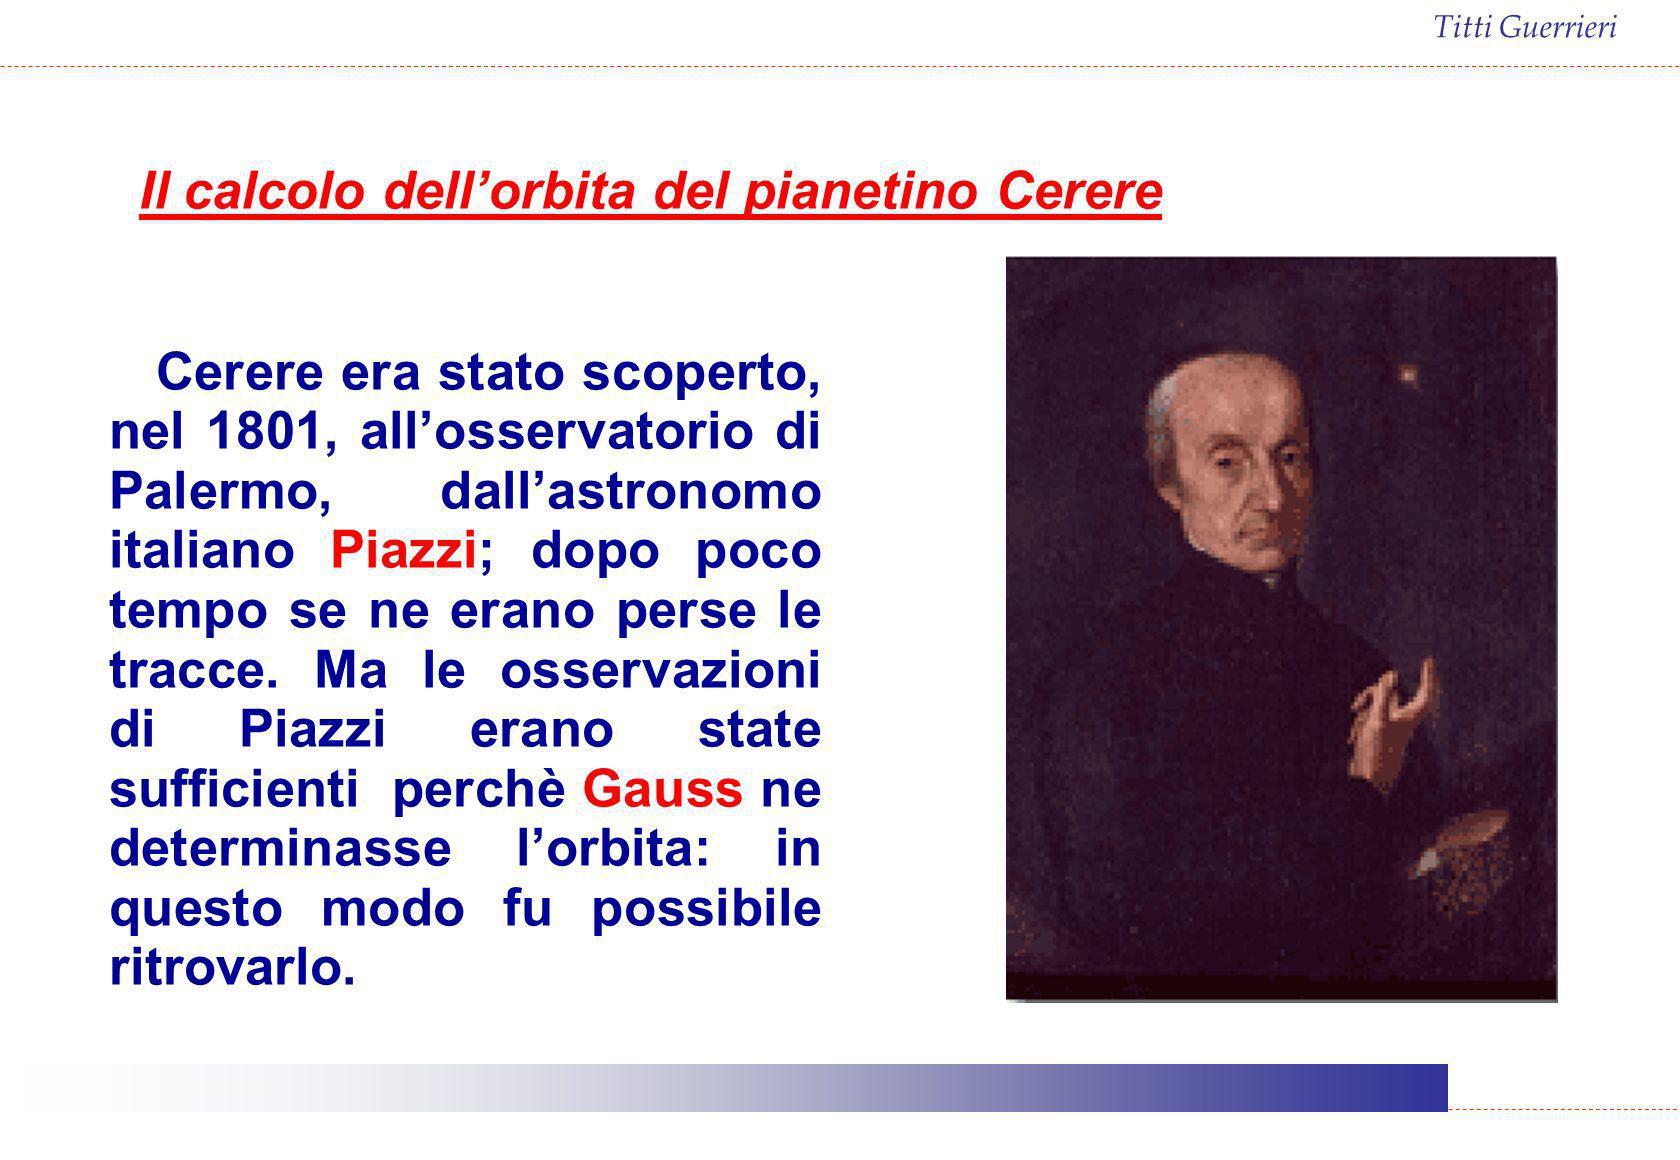 Cerere era stato scoperto, nel 1801, allosservatorio di Palermo, dallastronomo italiano Piazzi; dopo poco tempo se ne erano perse le tracce. Ma le oss